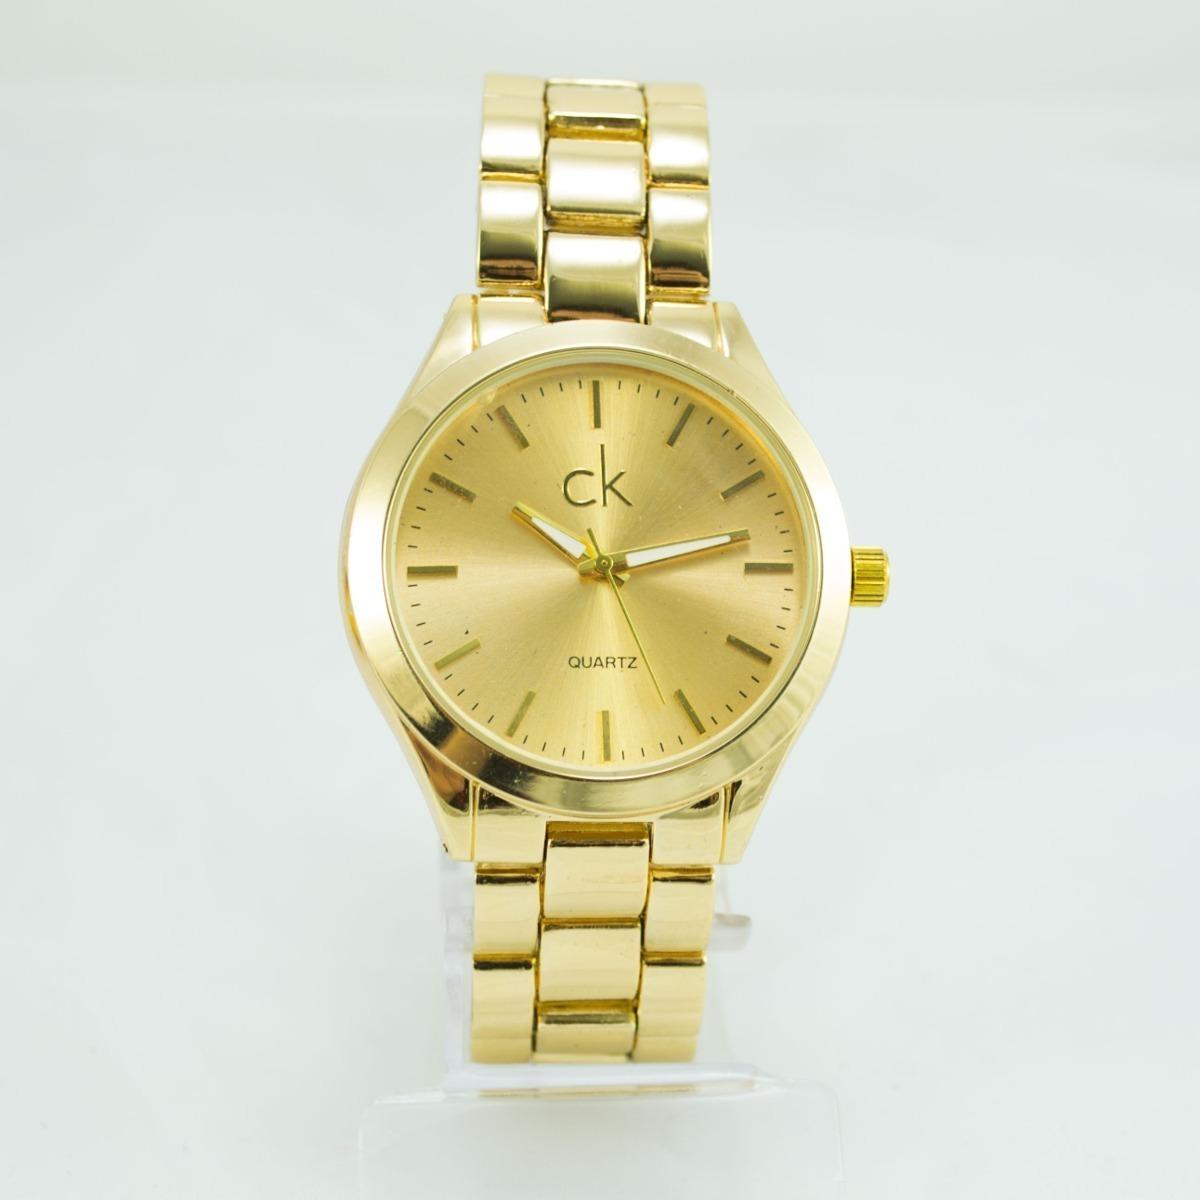 6c8b997478 relógio feminino dourado ck barato promoção kit + caixa. Carregando zoom.